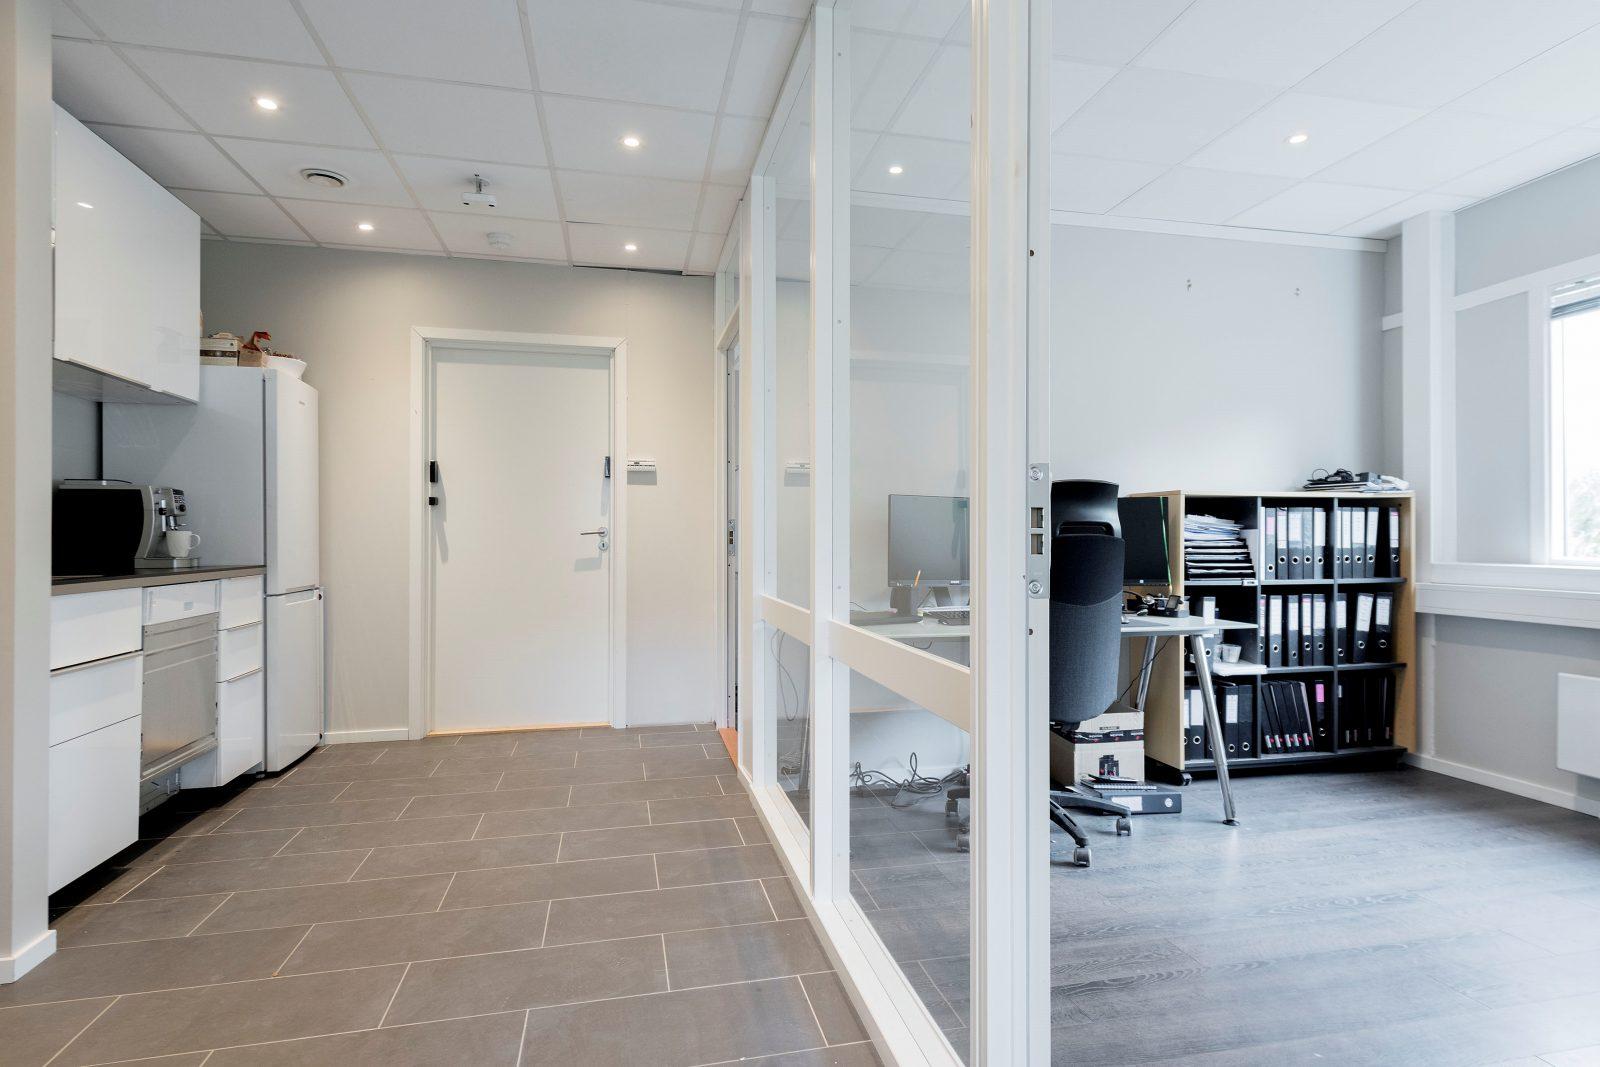 Kjøkken og kontorer i lager/kontordel ca. 142 kvm